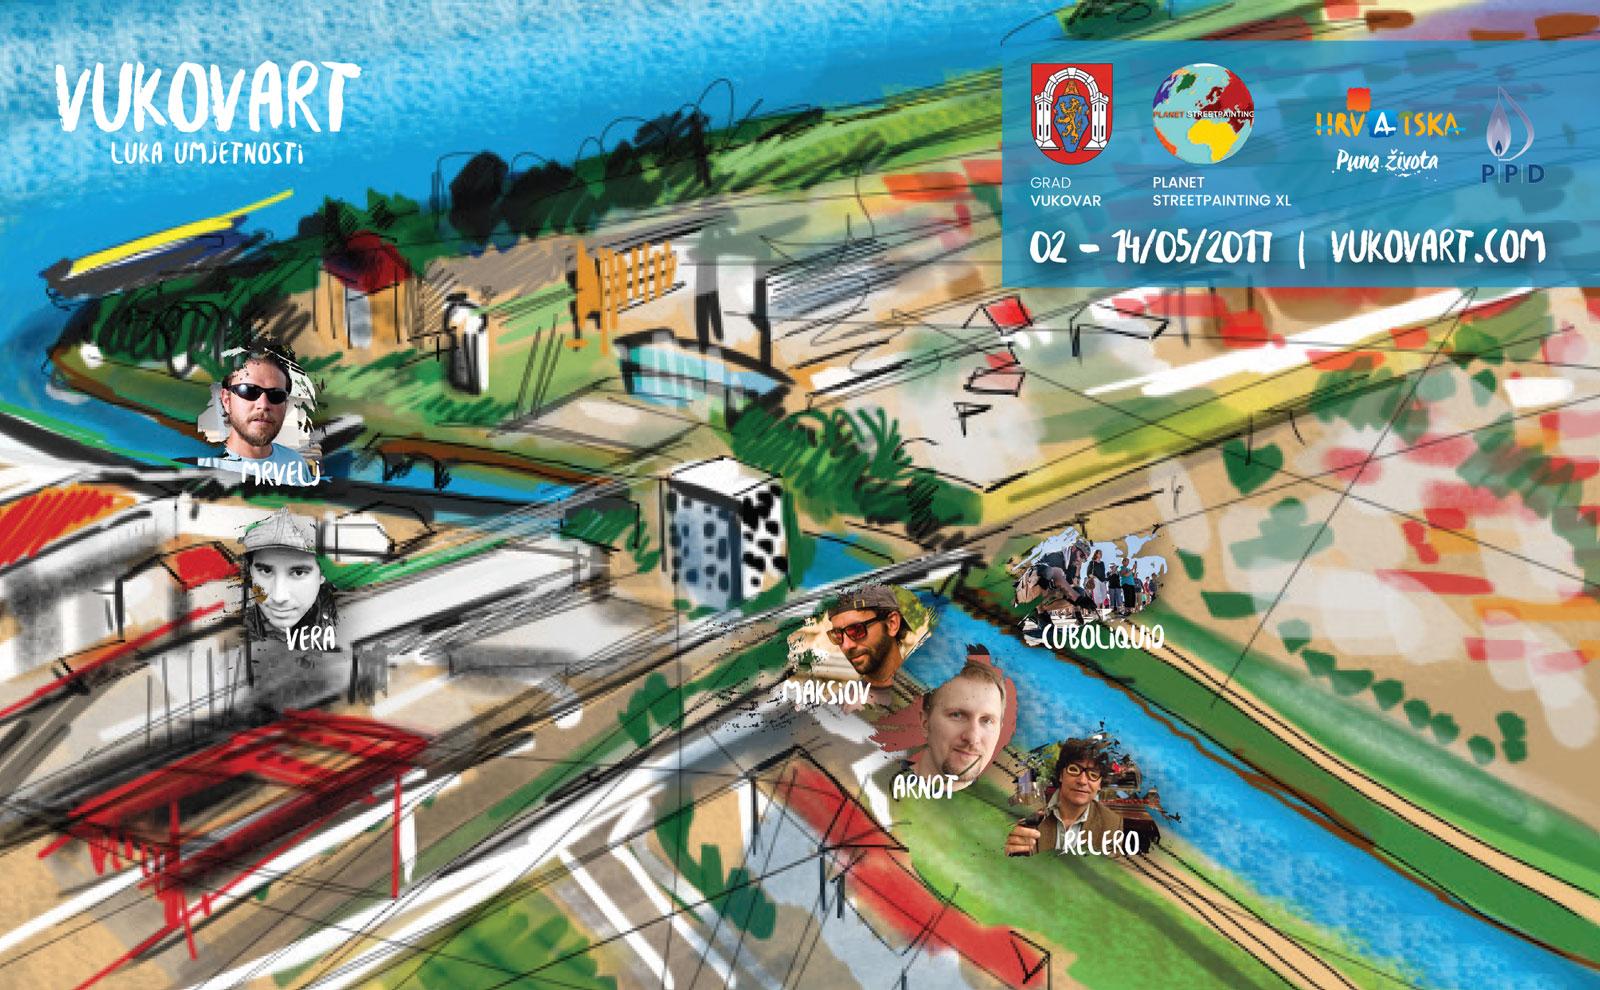 Vukovart - umjetnici razglednica